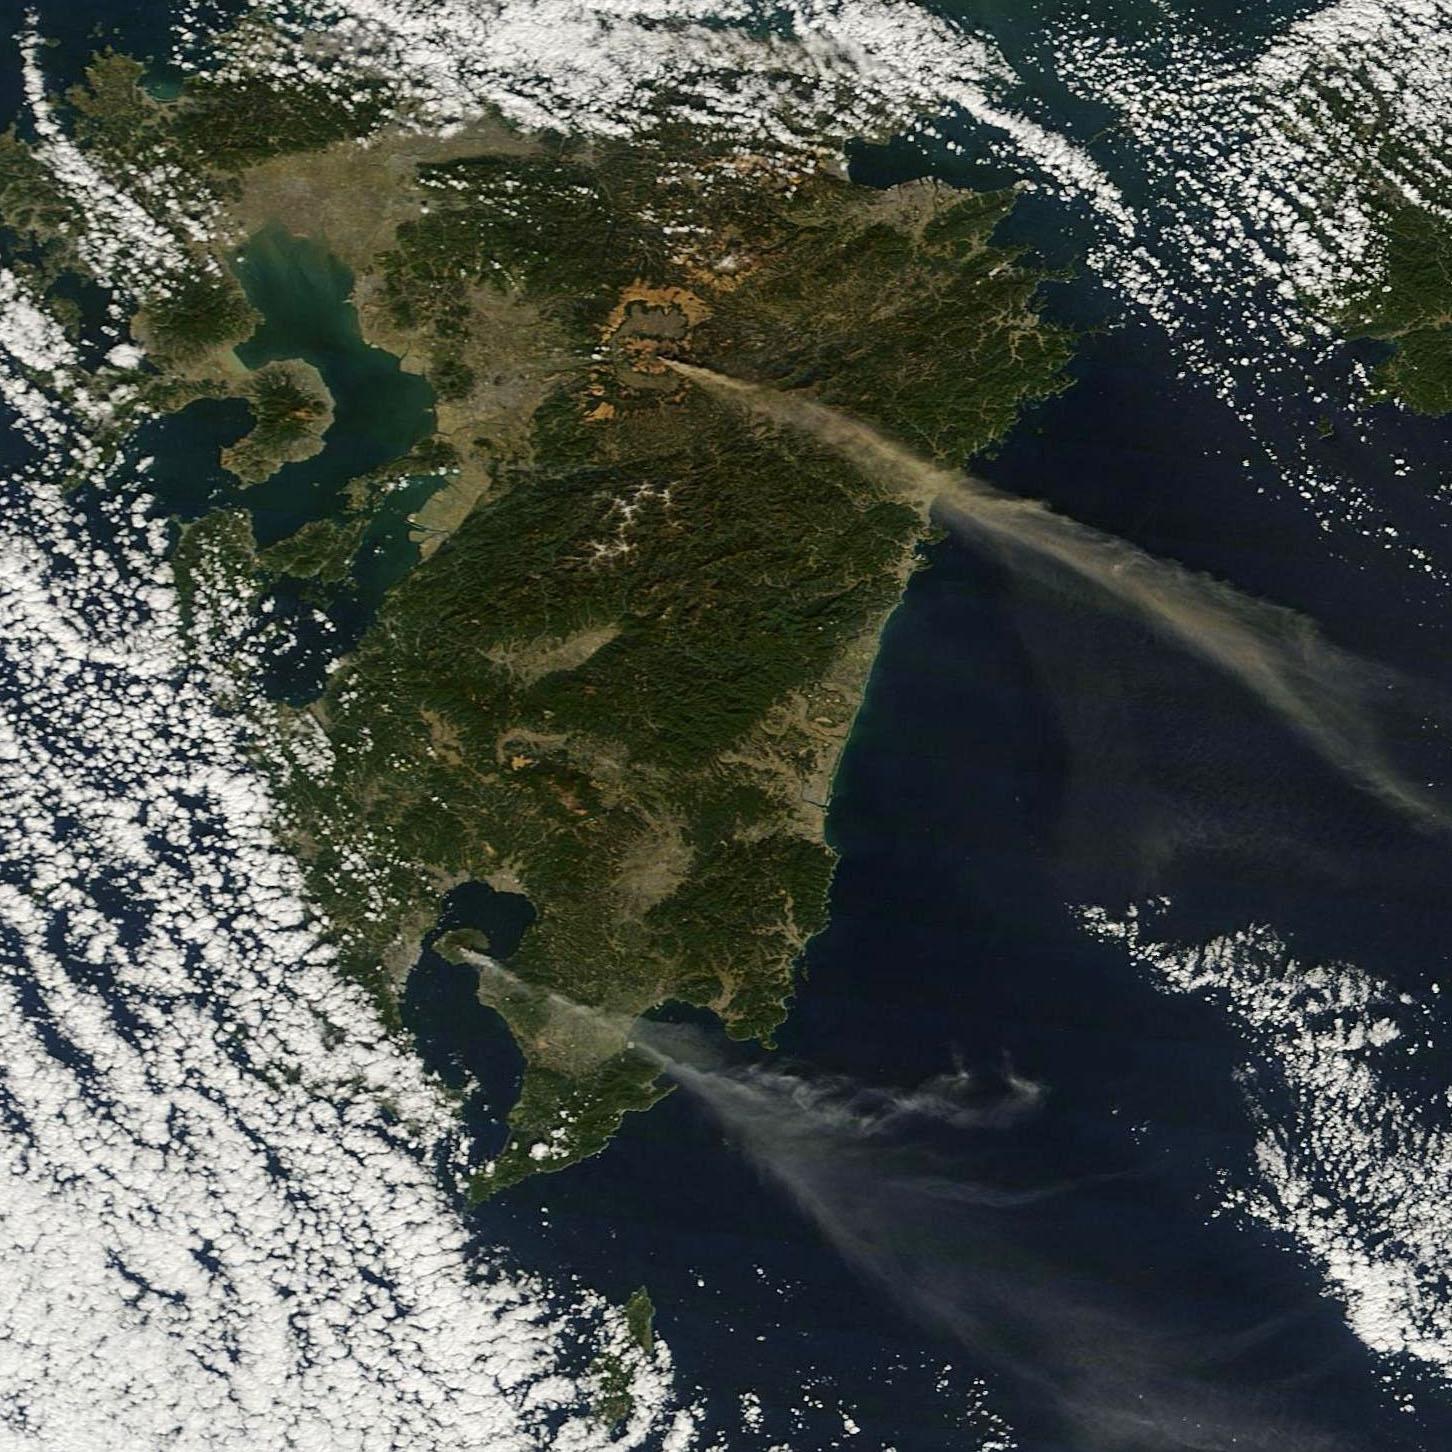 Los volcanes Aso y Sakurajima pillados simultaneamente emitiendo gases y cenizas. NASA.